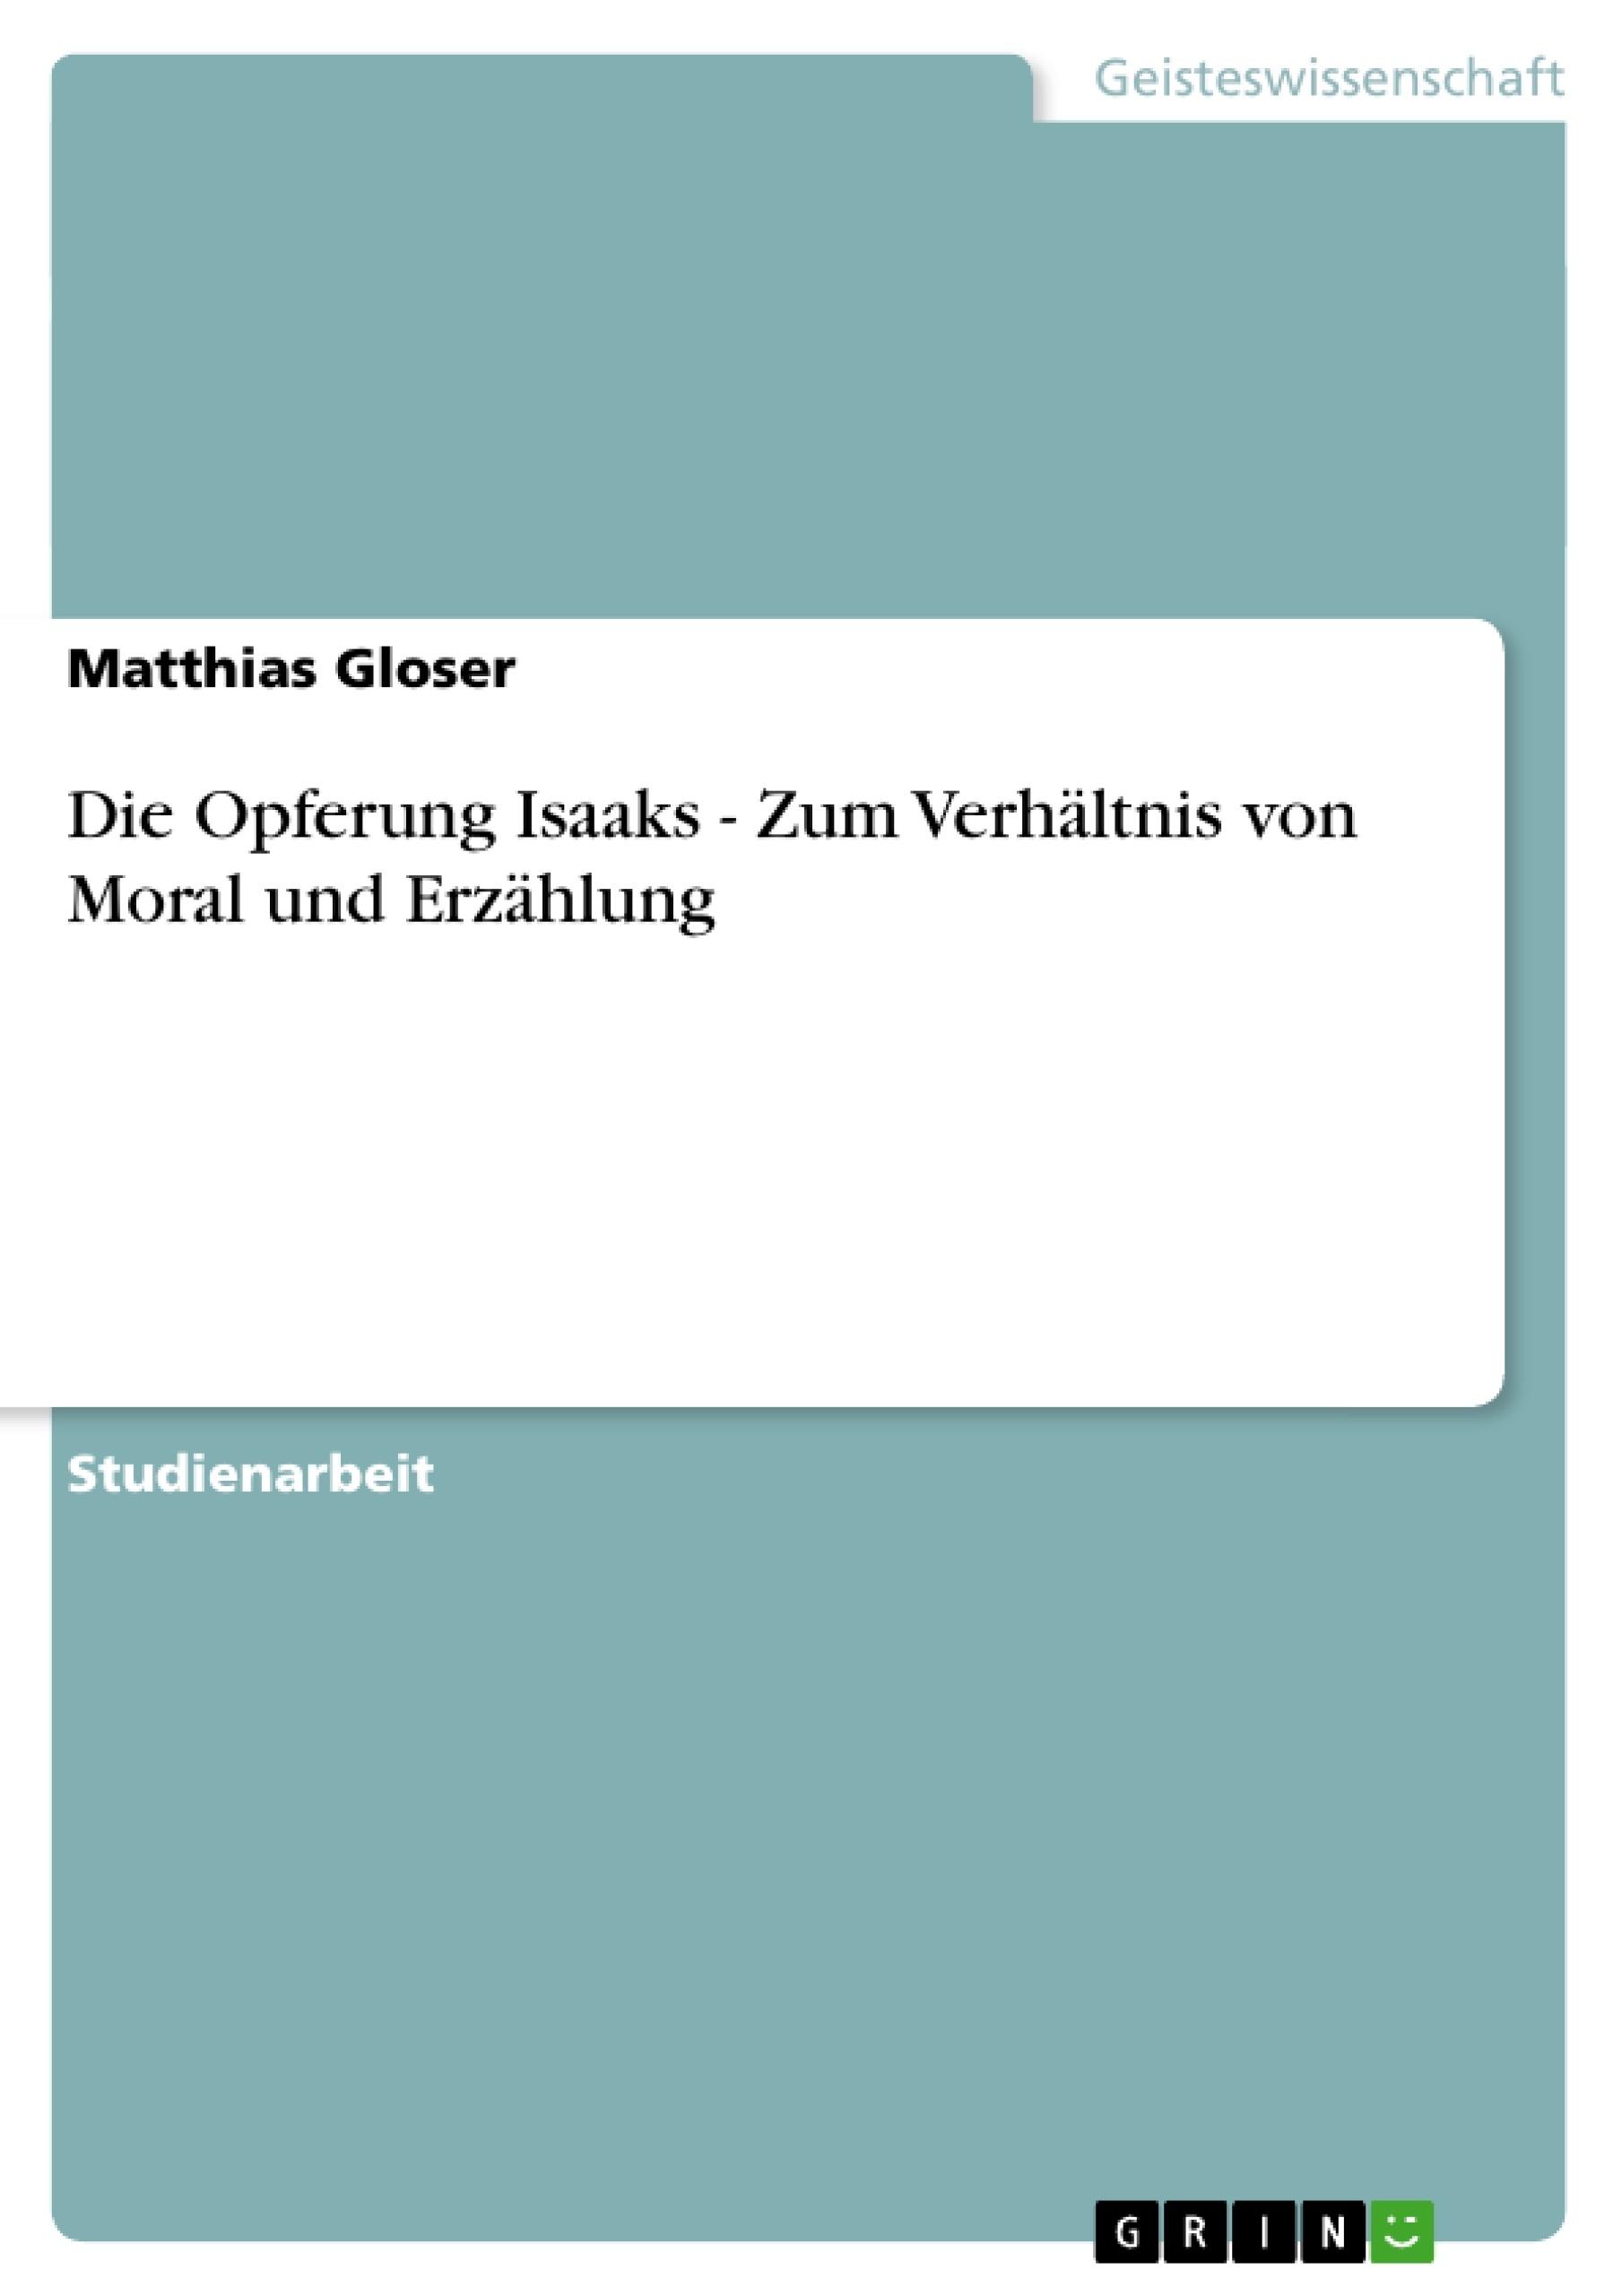 Titel: Die Opferung Isaaks - Zum Verhältnis von Moral und Erzählung